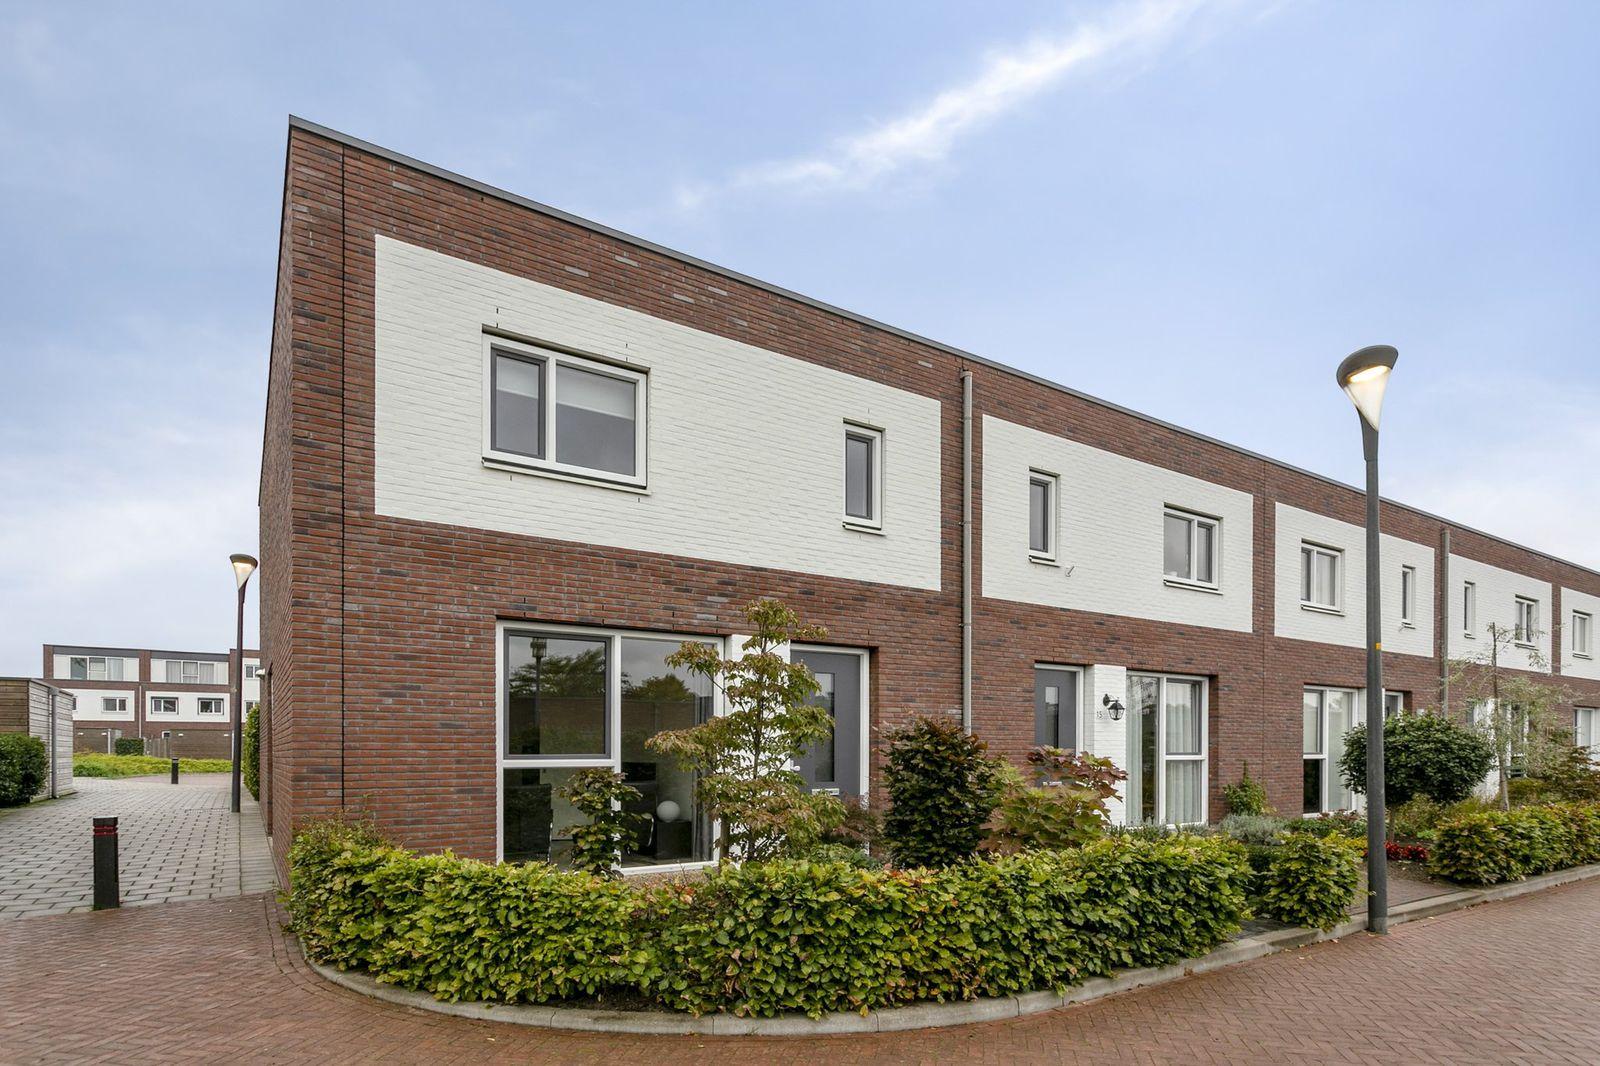 Arnold Kaldenbachstraat 14, Zutphen